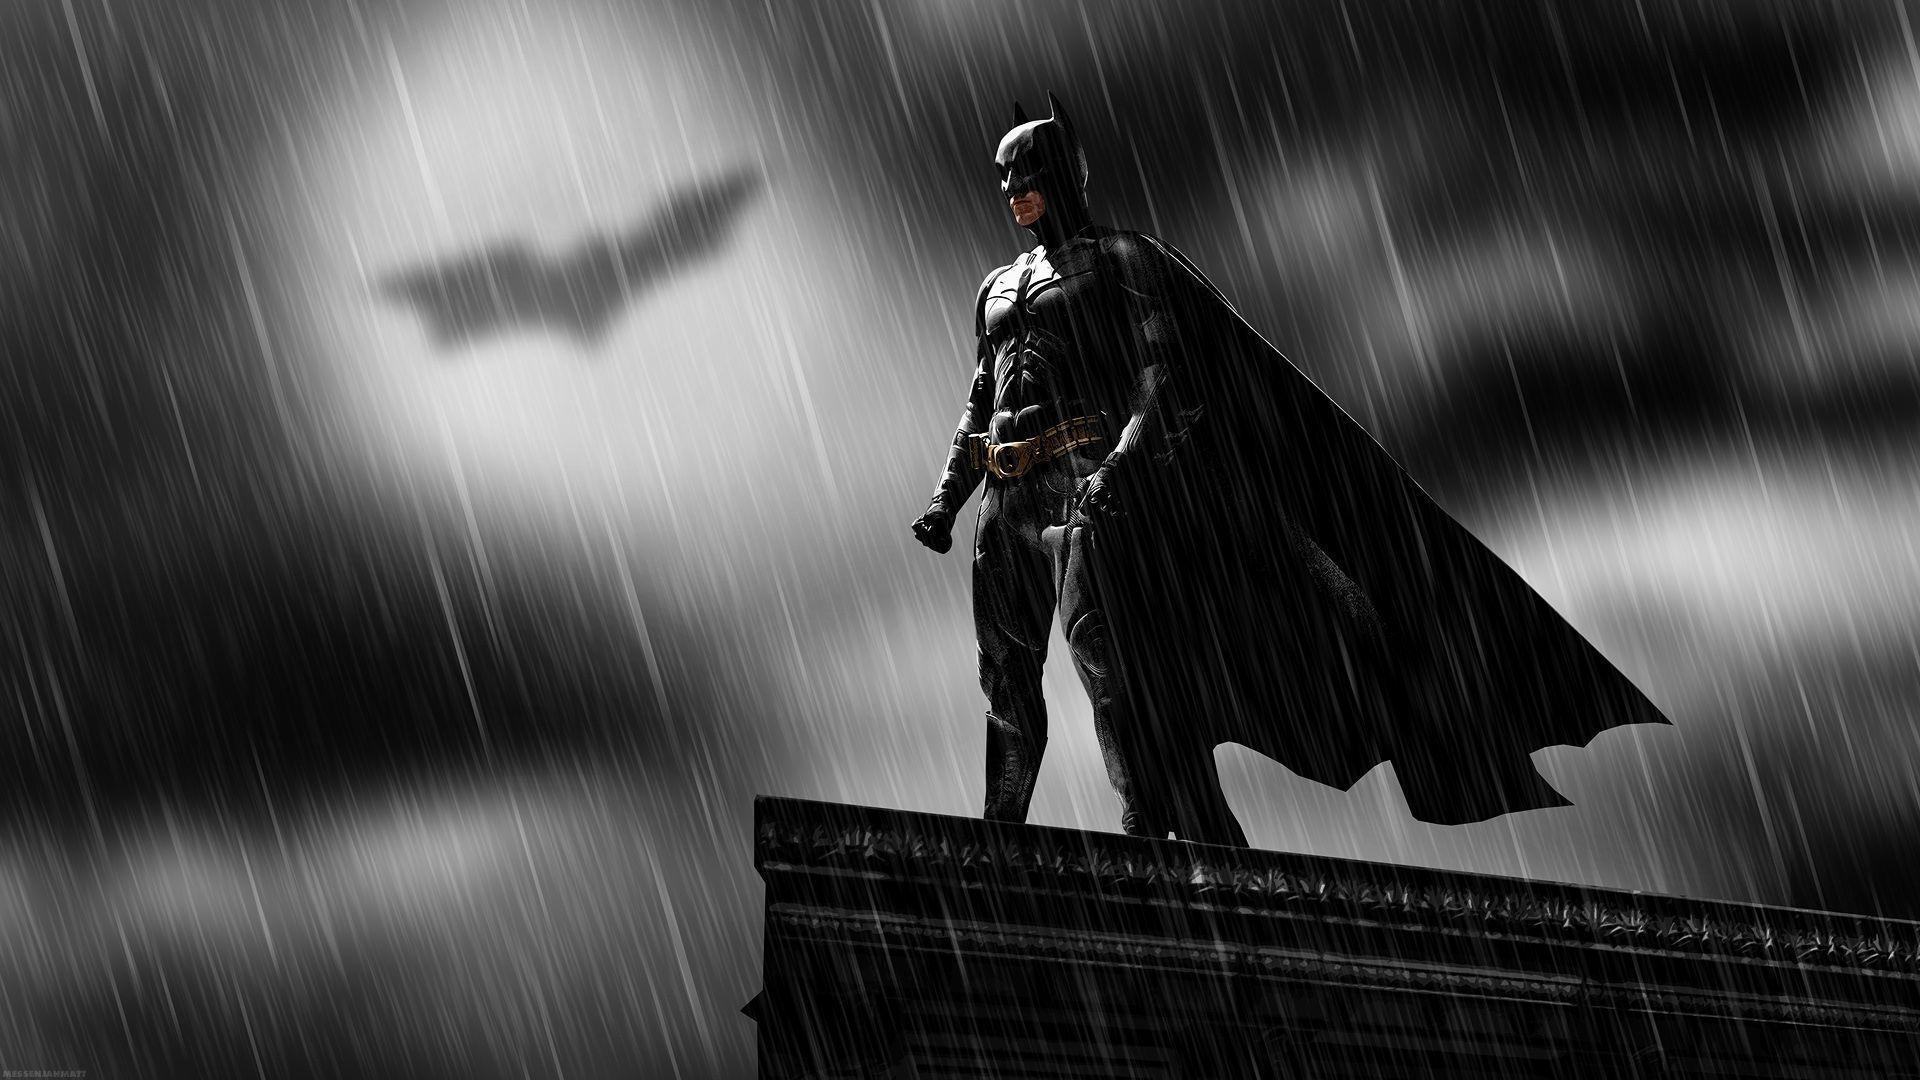 Batman 1920x1080 Wallpaper Posted By Zoey Walker